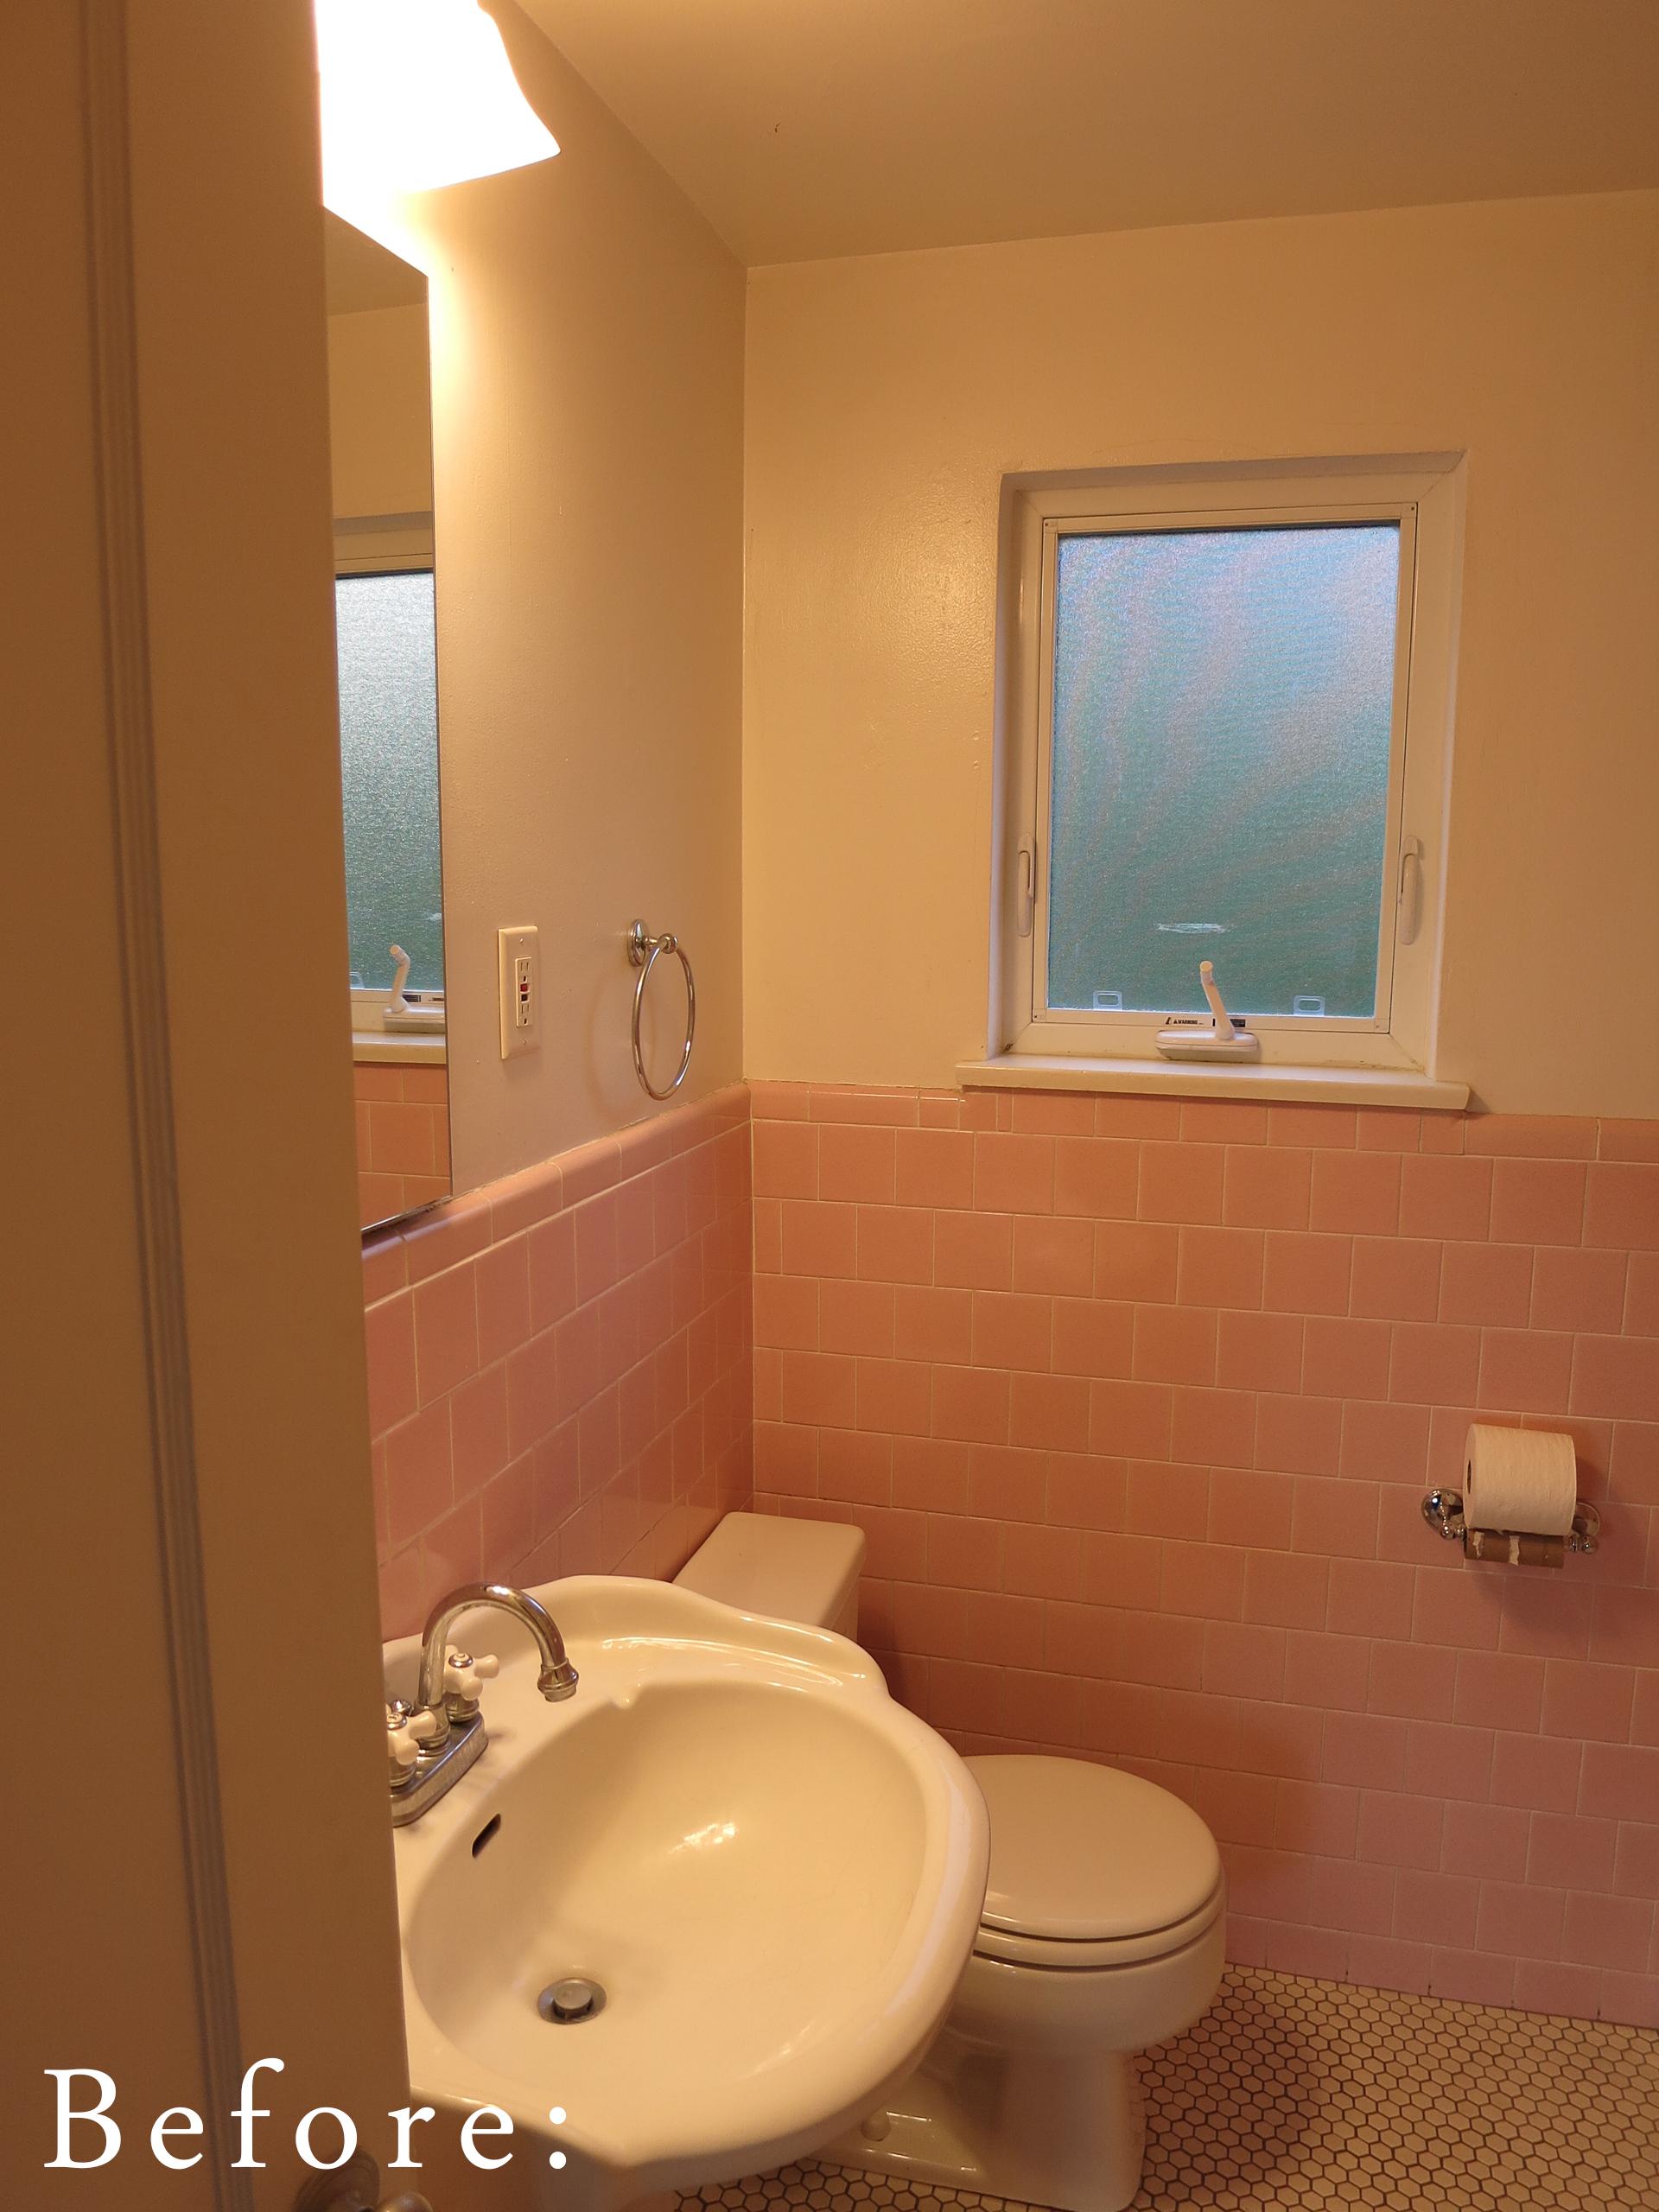 Julie-Bath-before-3-of-10.jpg